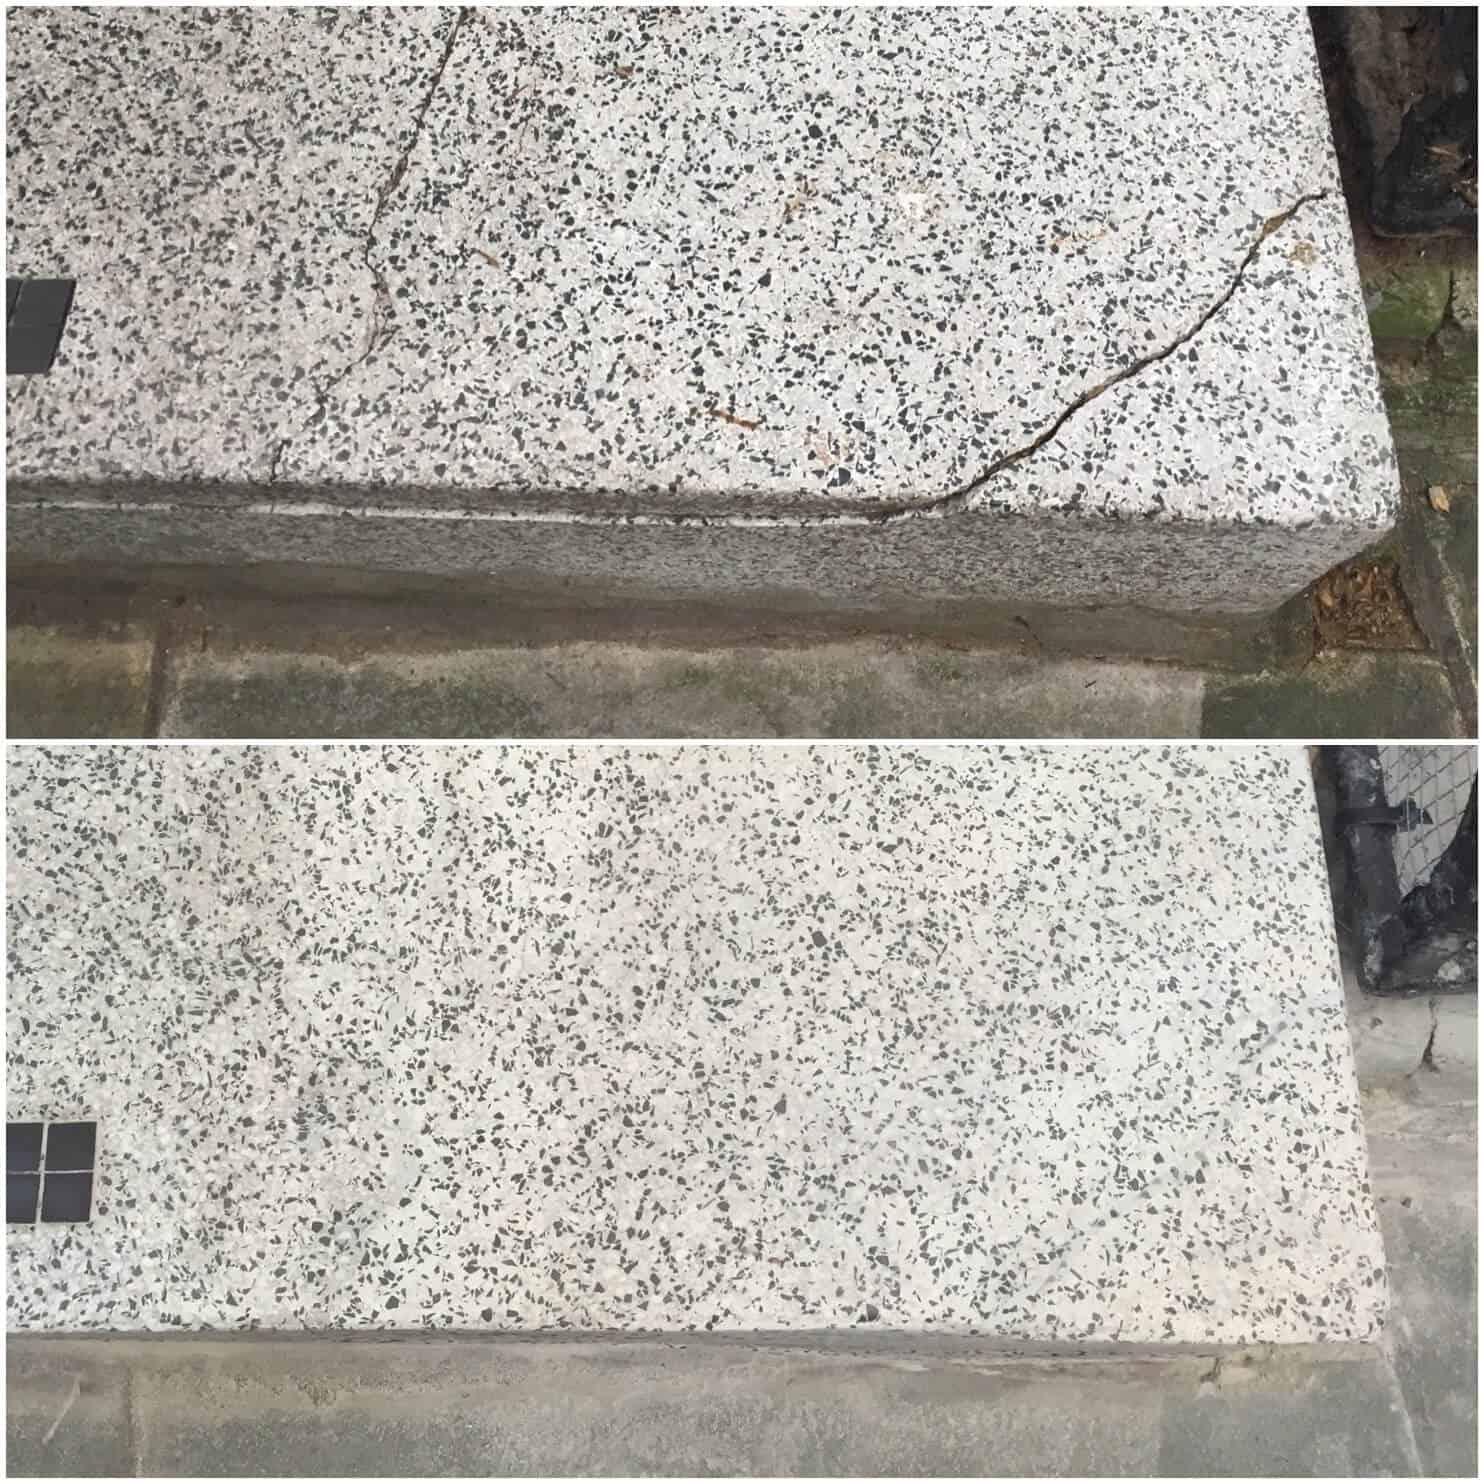 terrazzo crack and chip repairs